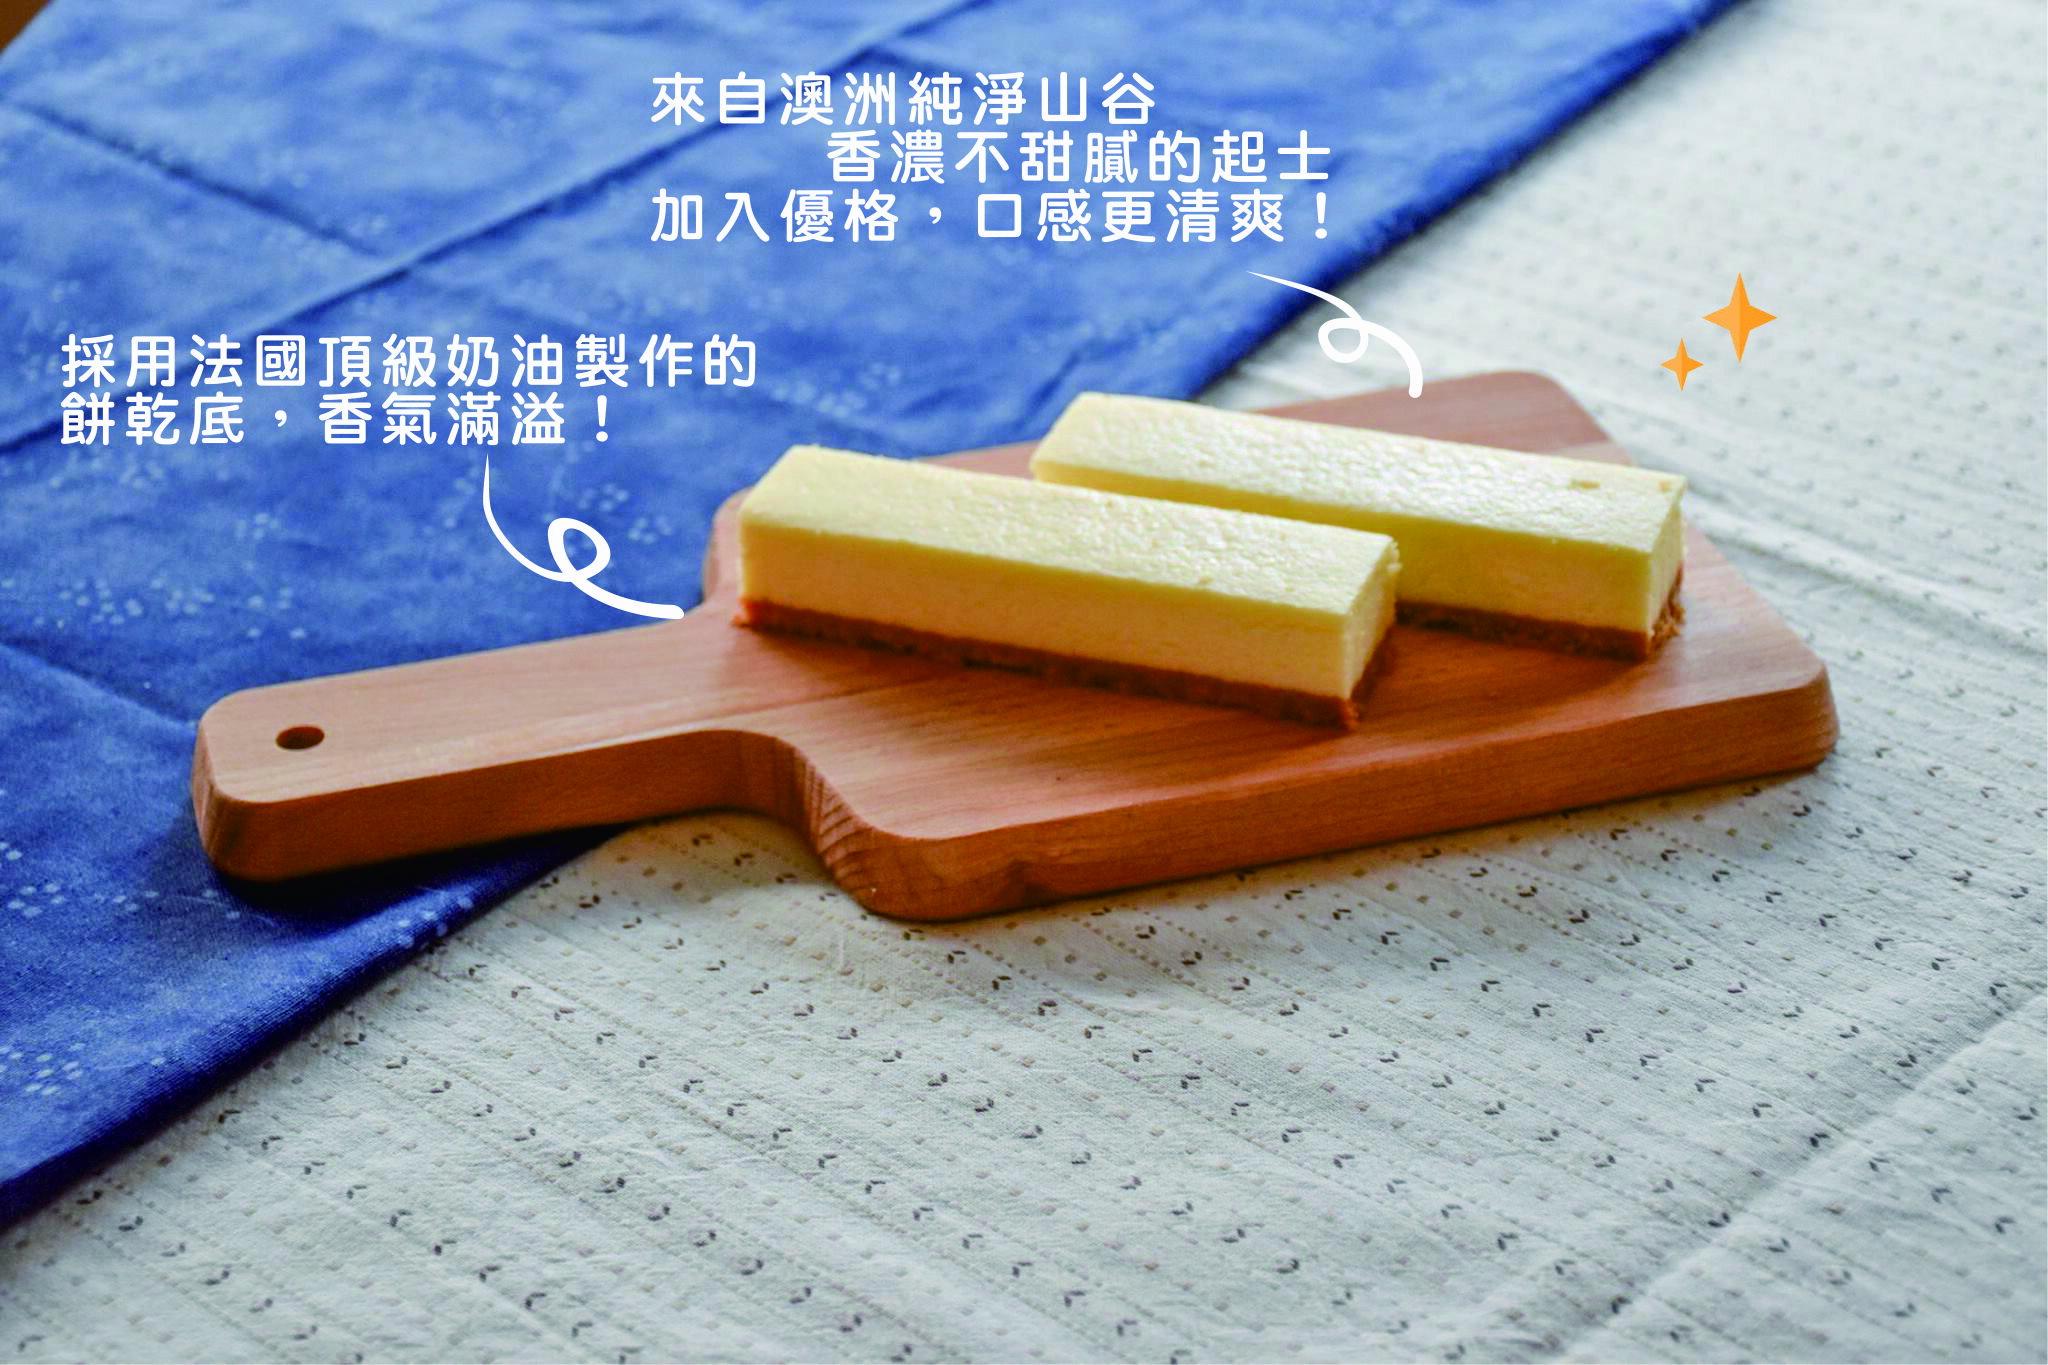 【滿千免運】【36條組】純手工起士棒★乳酪條★清新不膩口!團購下午茶首選